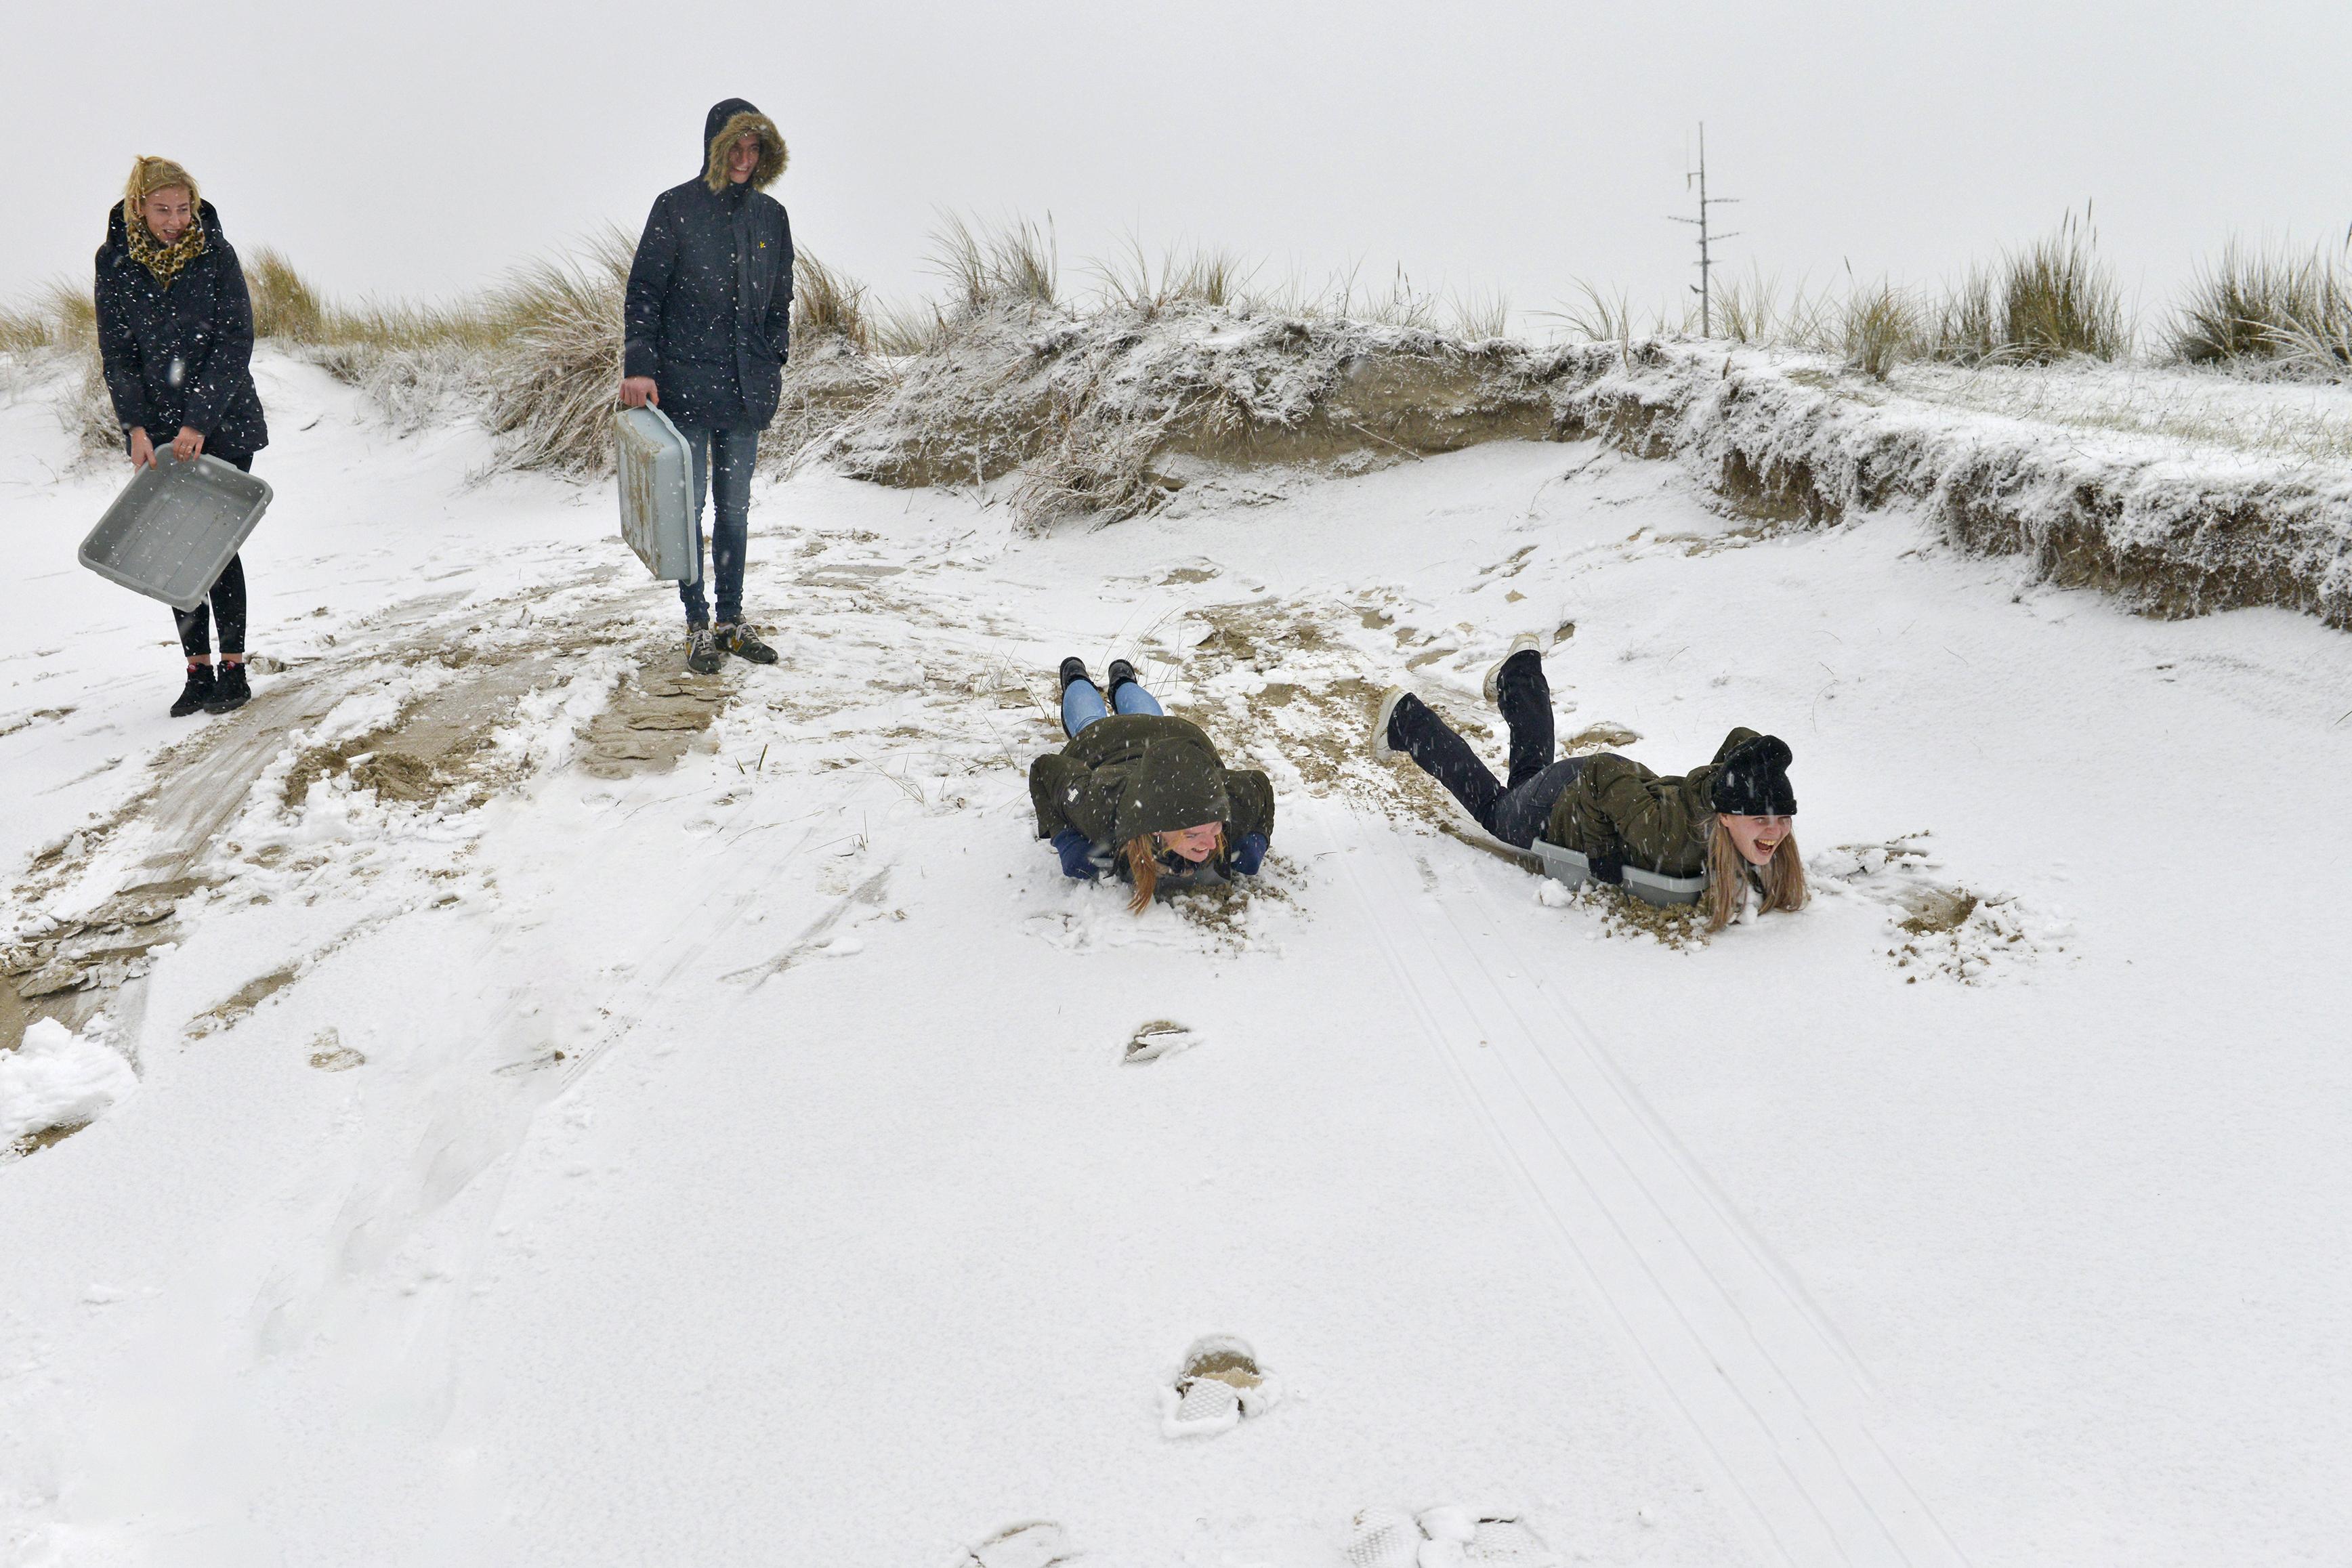 Sneeuwpret op Texel: horecapersoneel sleet het duin af in afwasbakken